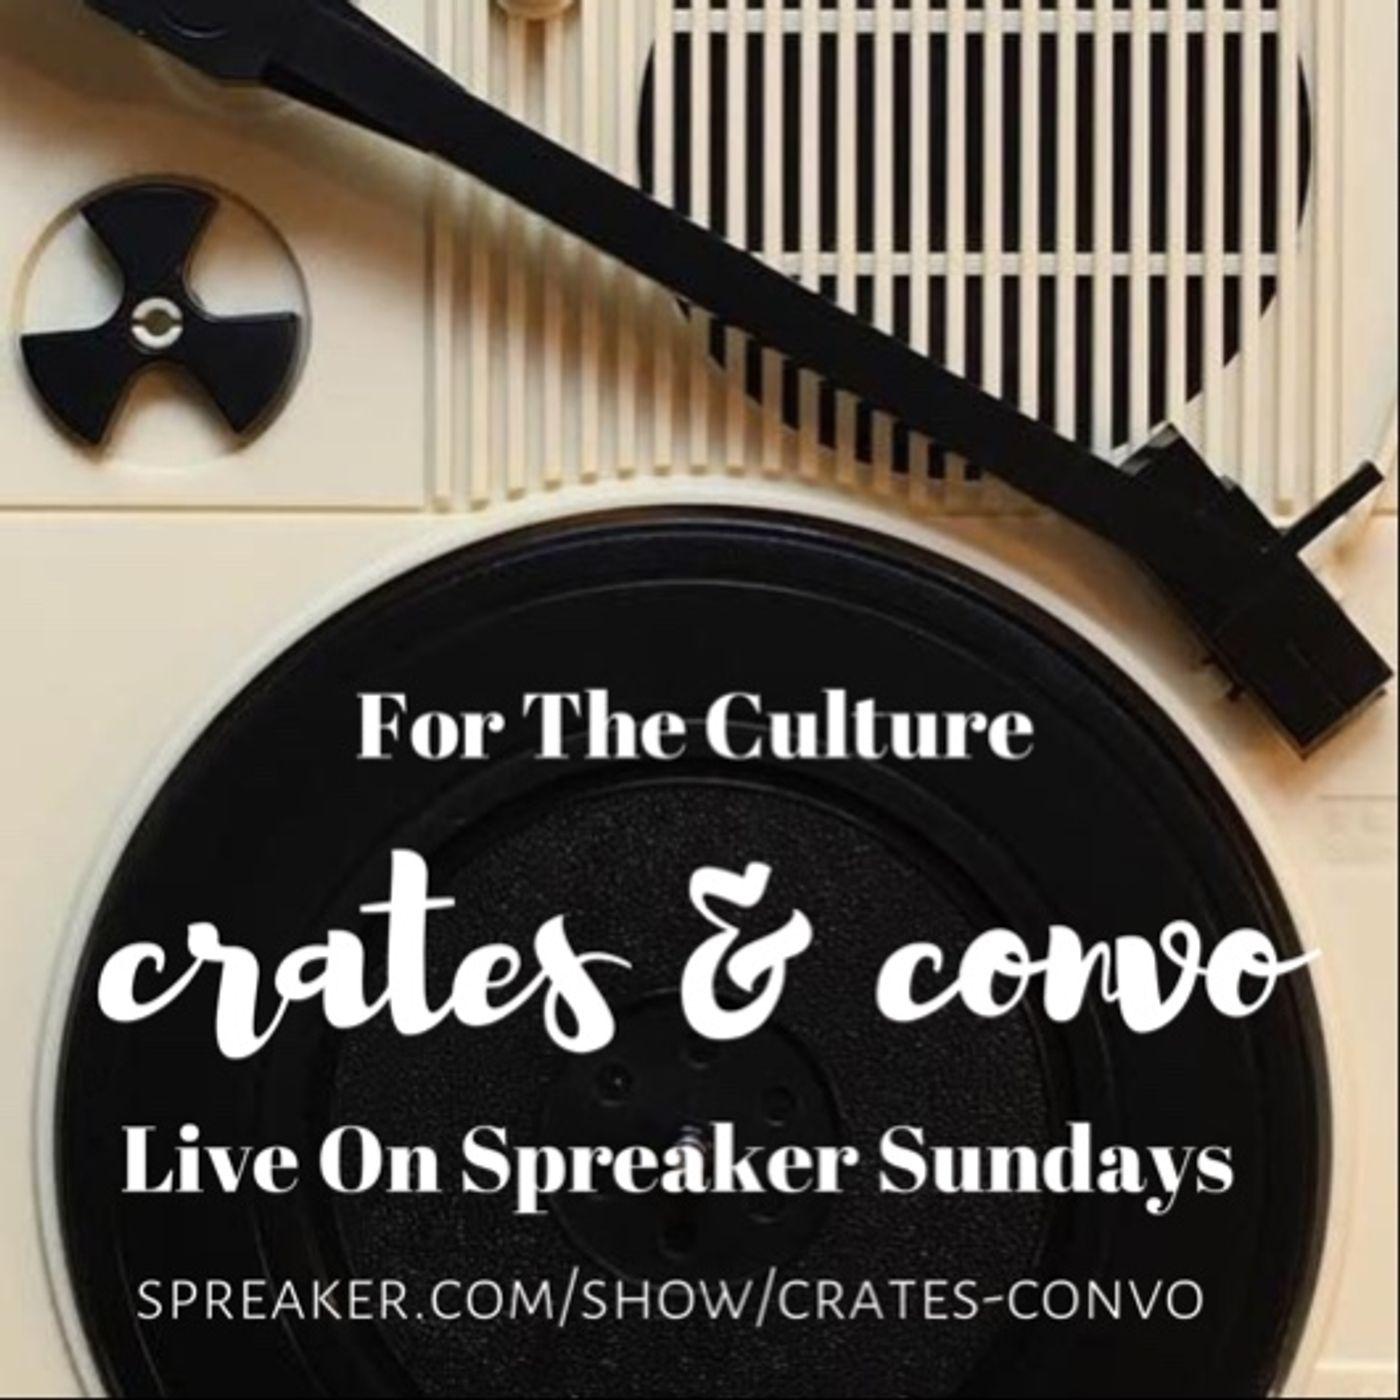 Episode 4 - Crates & Convo